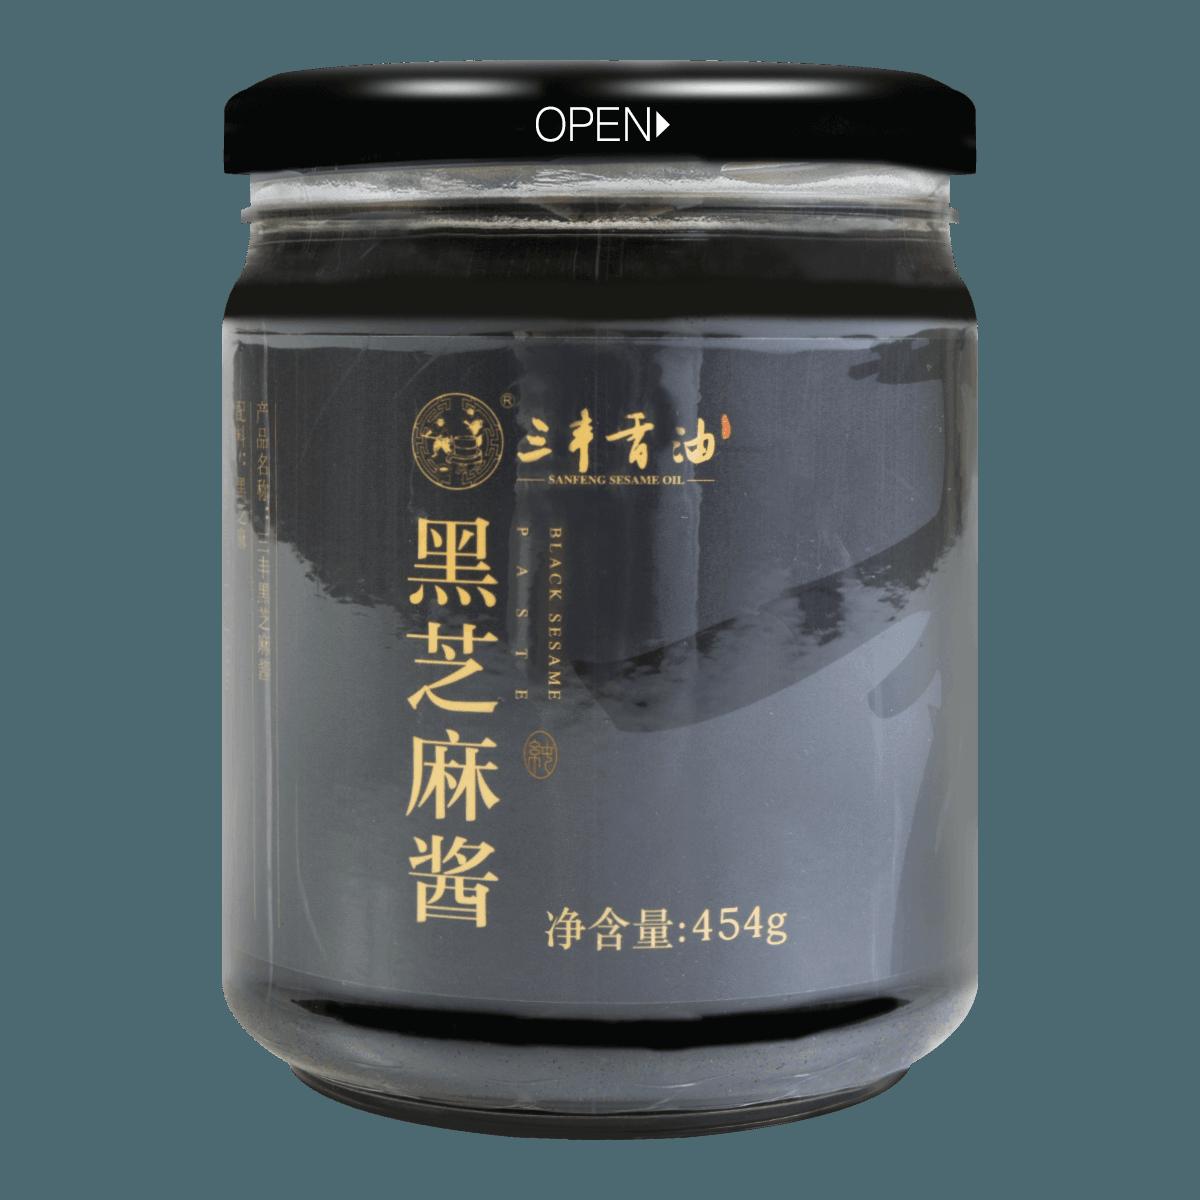 三丰香油 黑芝麻酱 454g